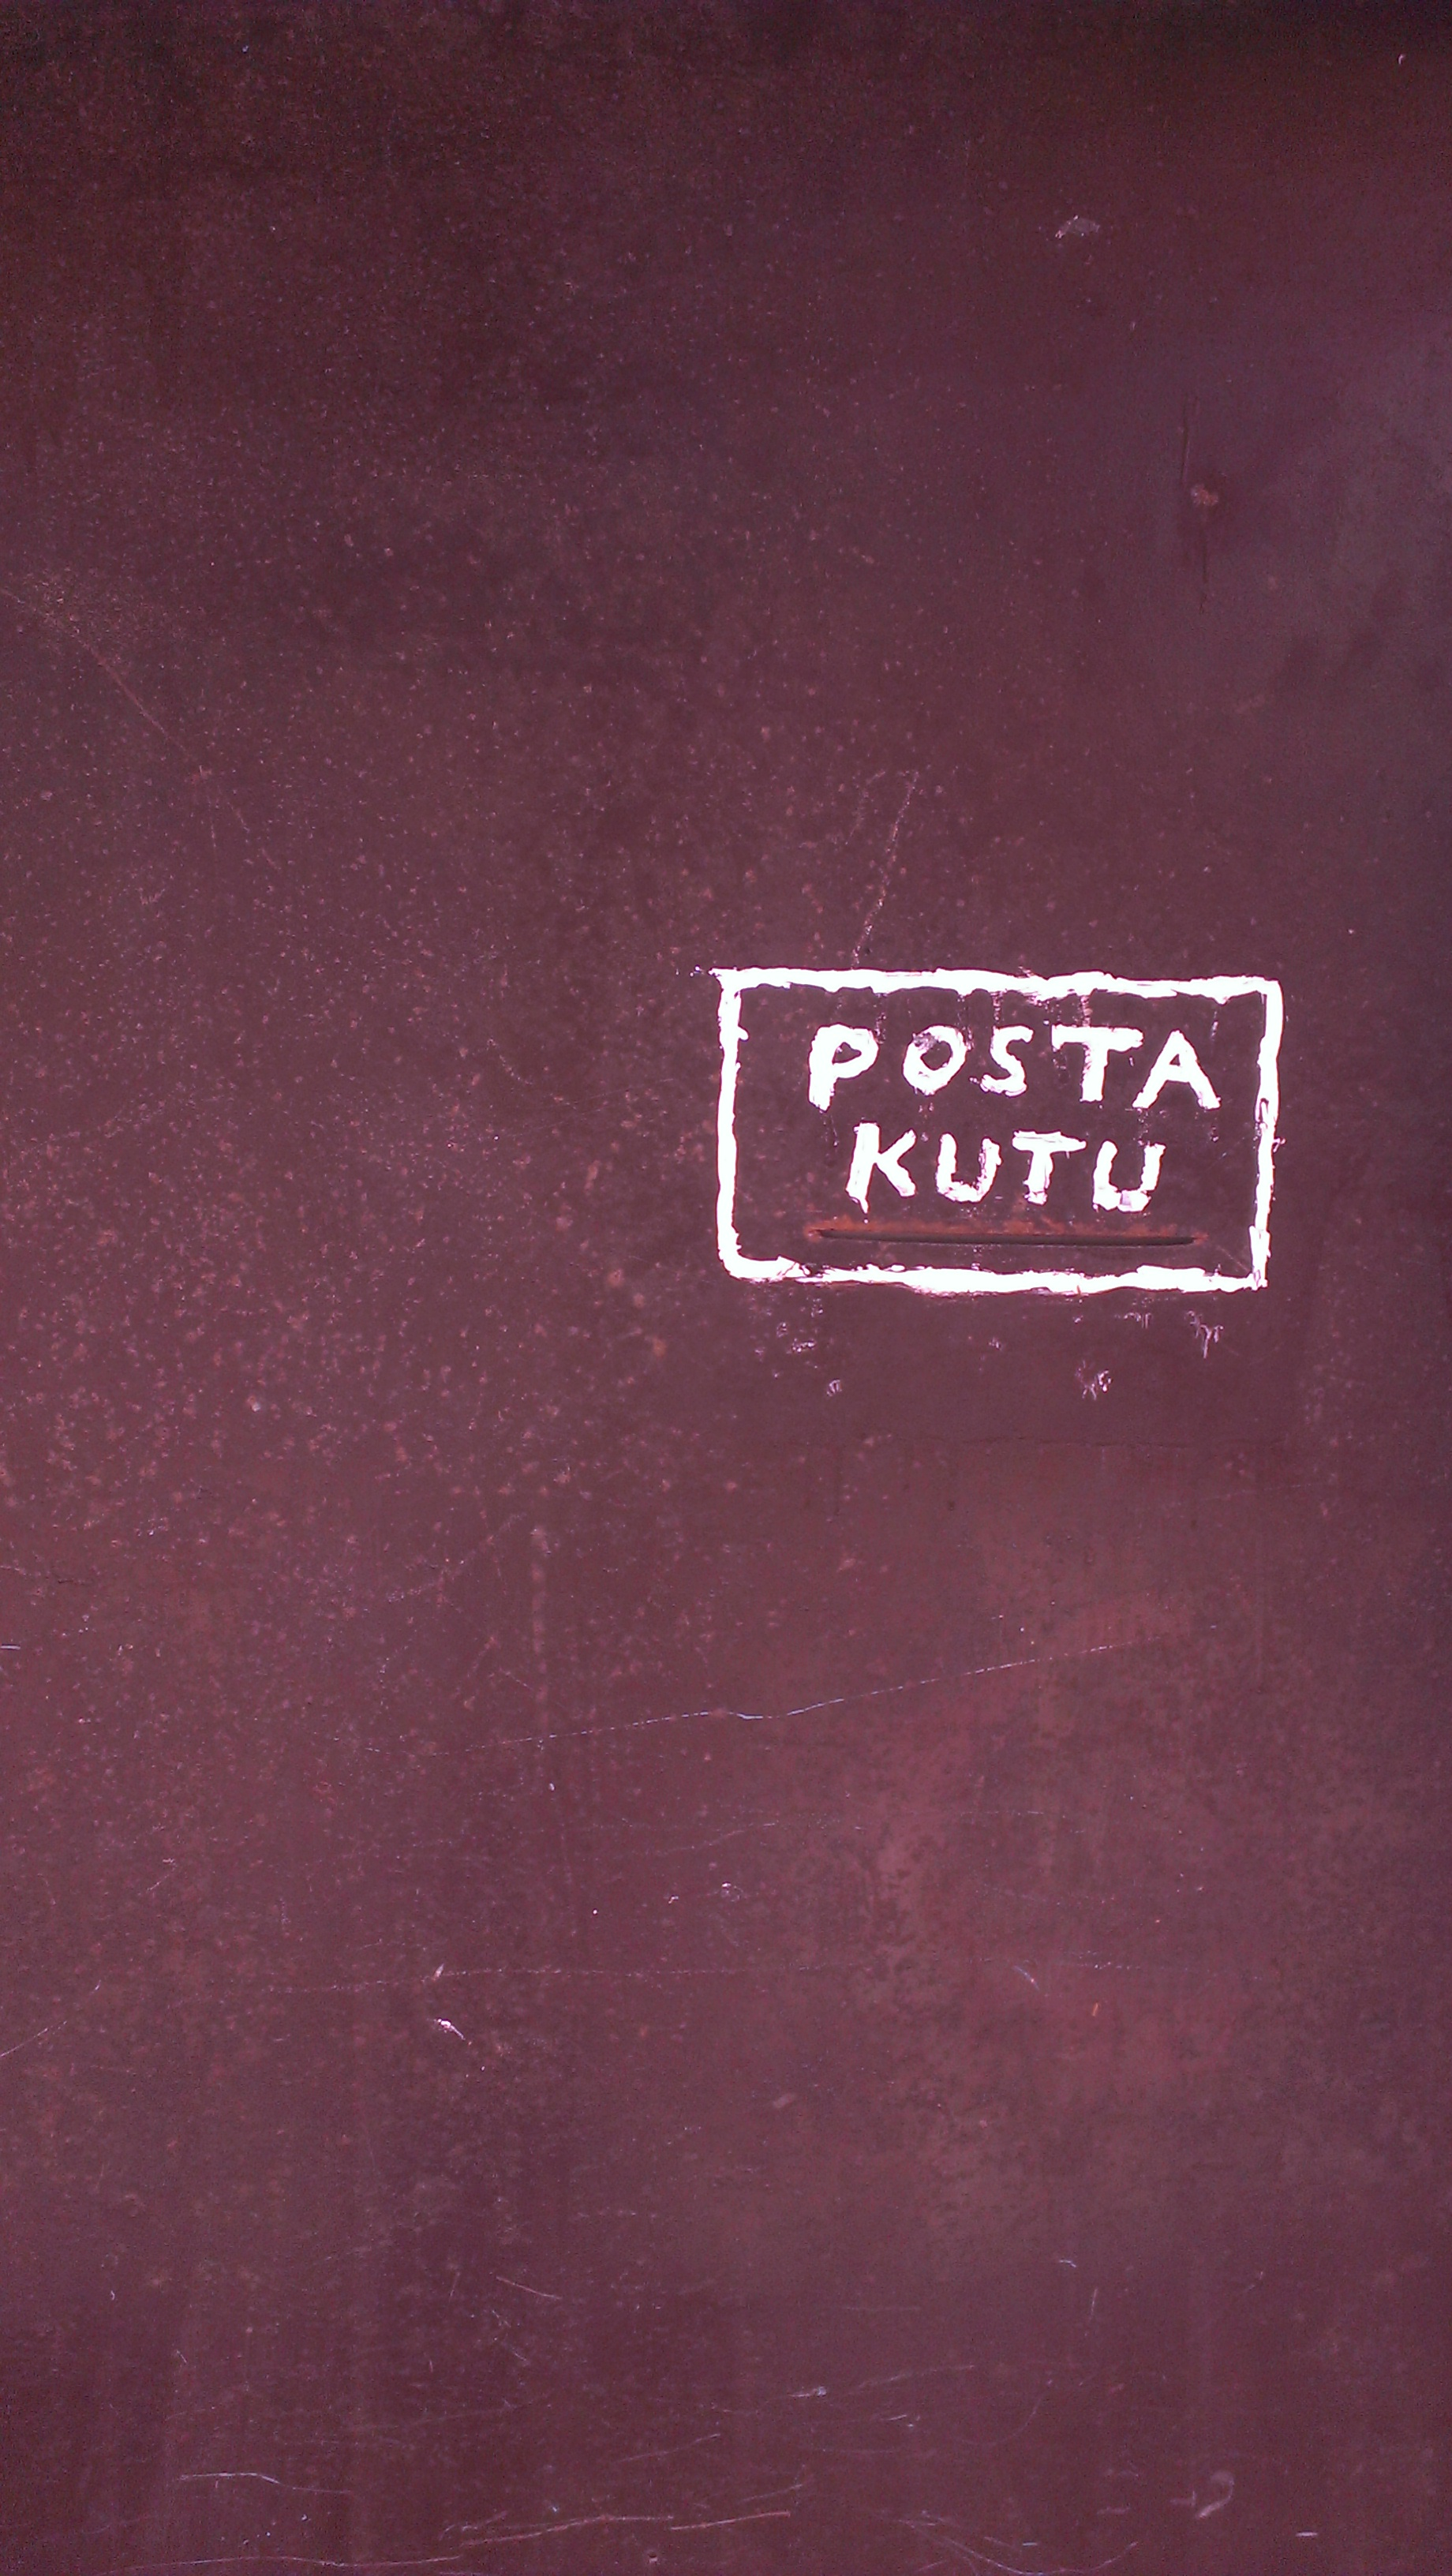 post brutal minimalism image